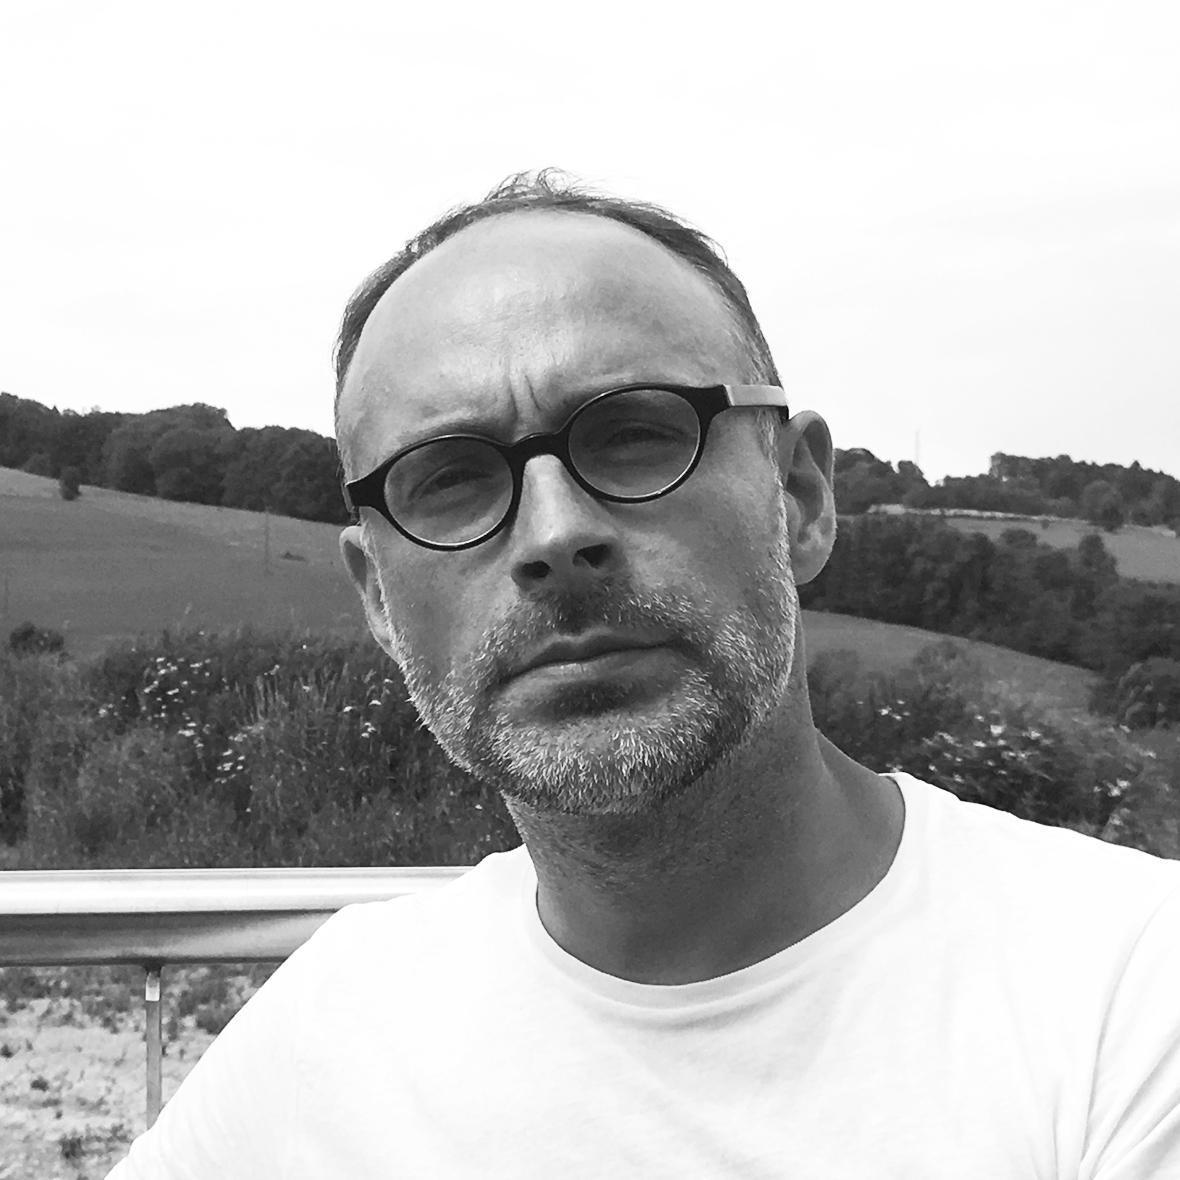 Jean Baptiste Lacroix